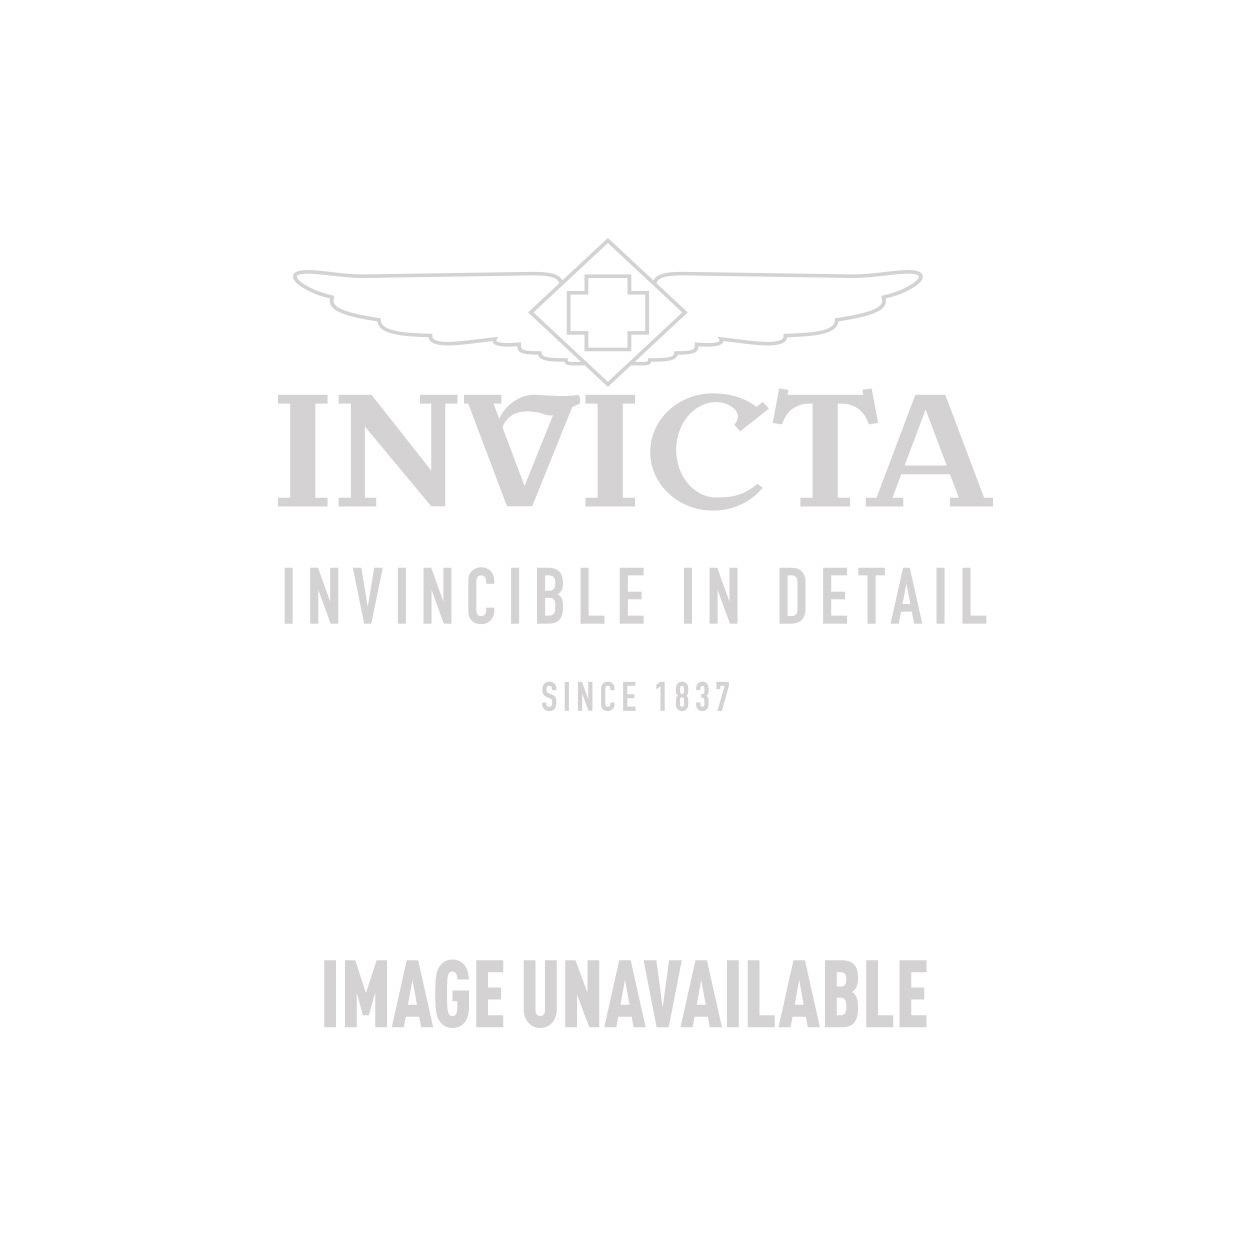 Invicta Model 27437